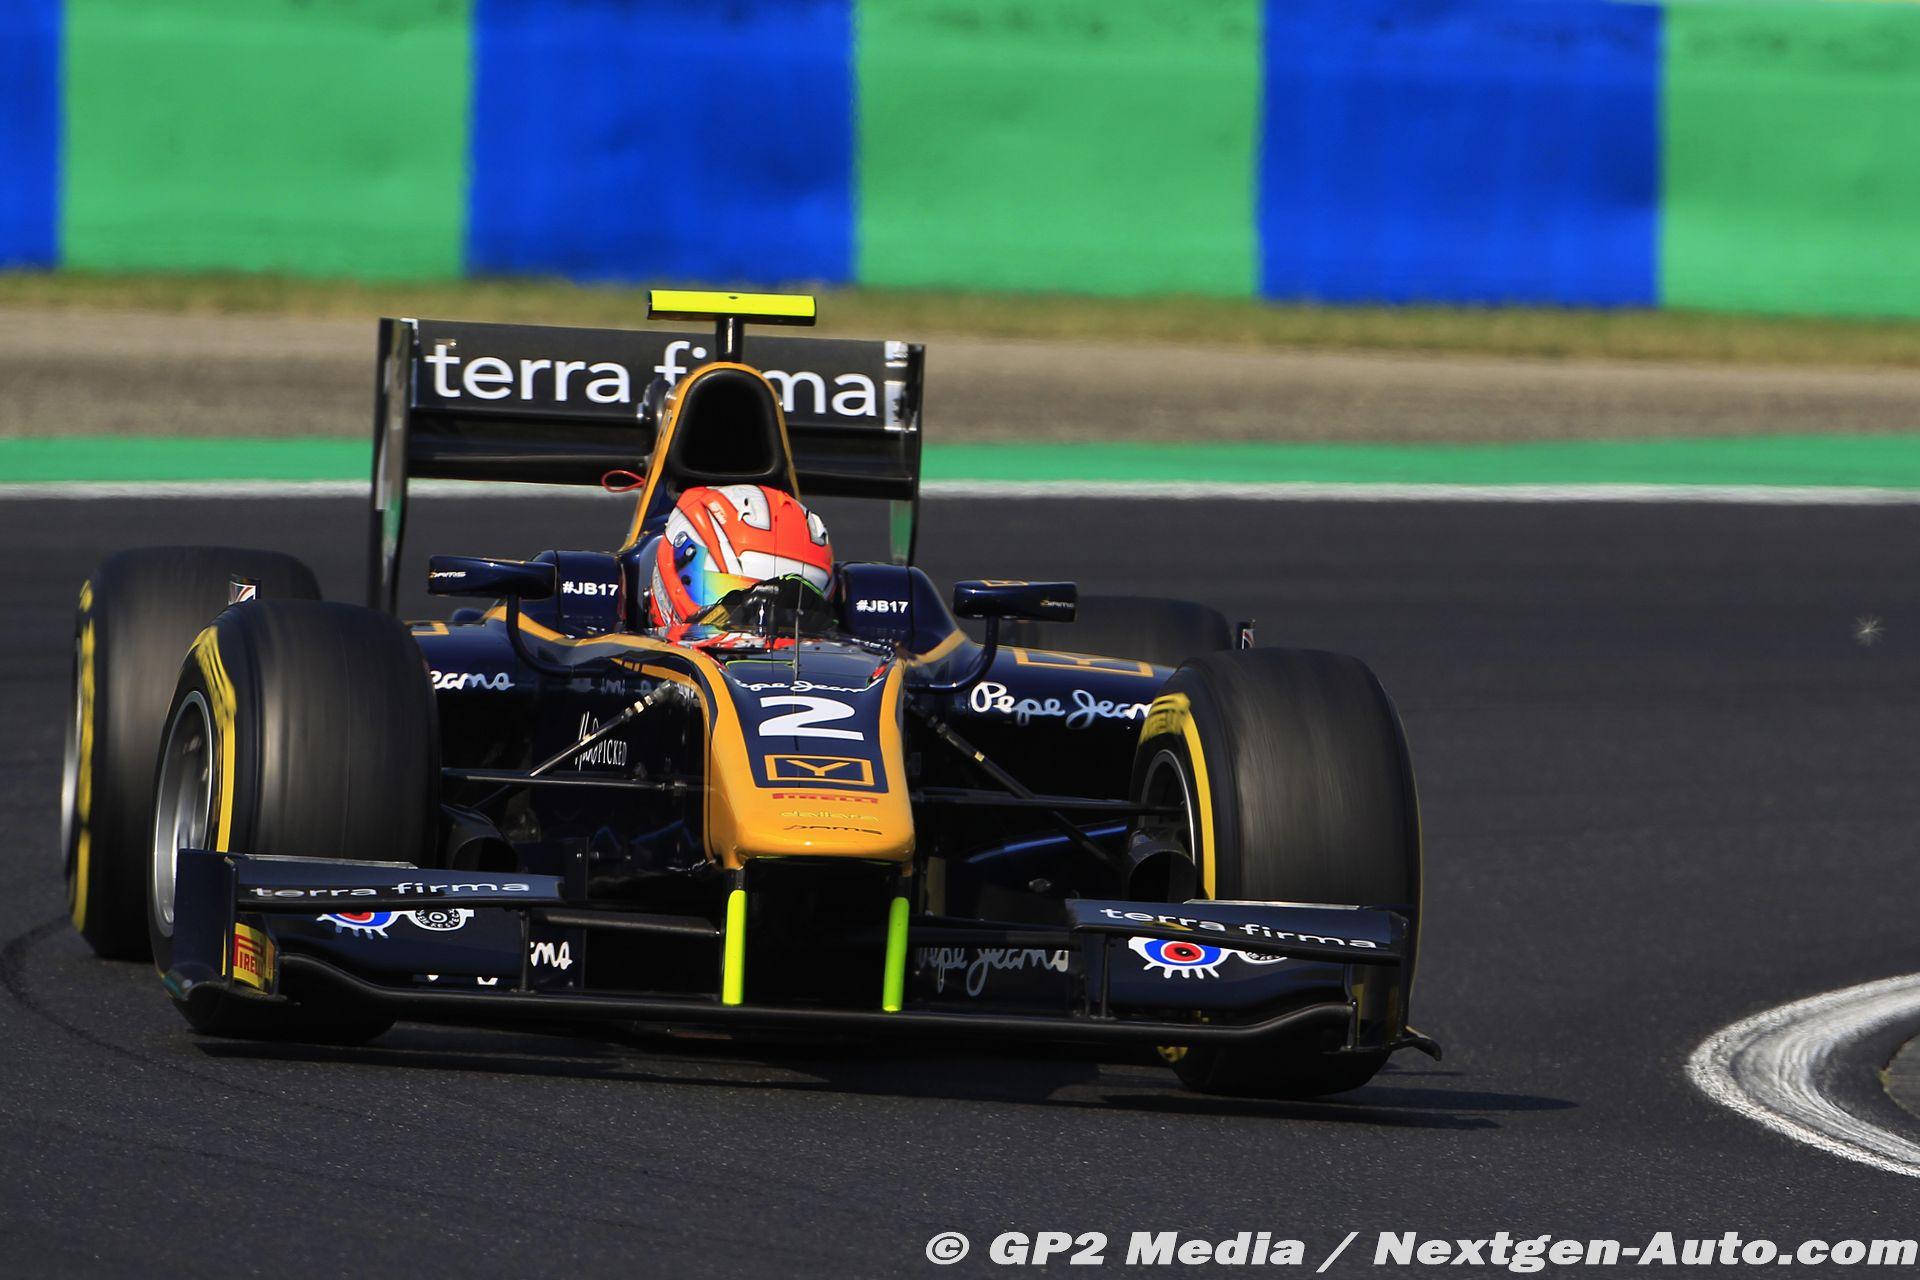 2015 GP2 Hongrie - Dams - Alex Lynn